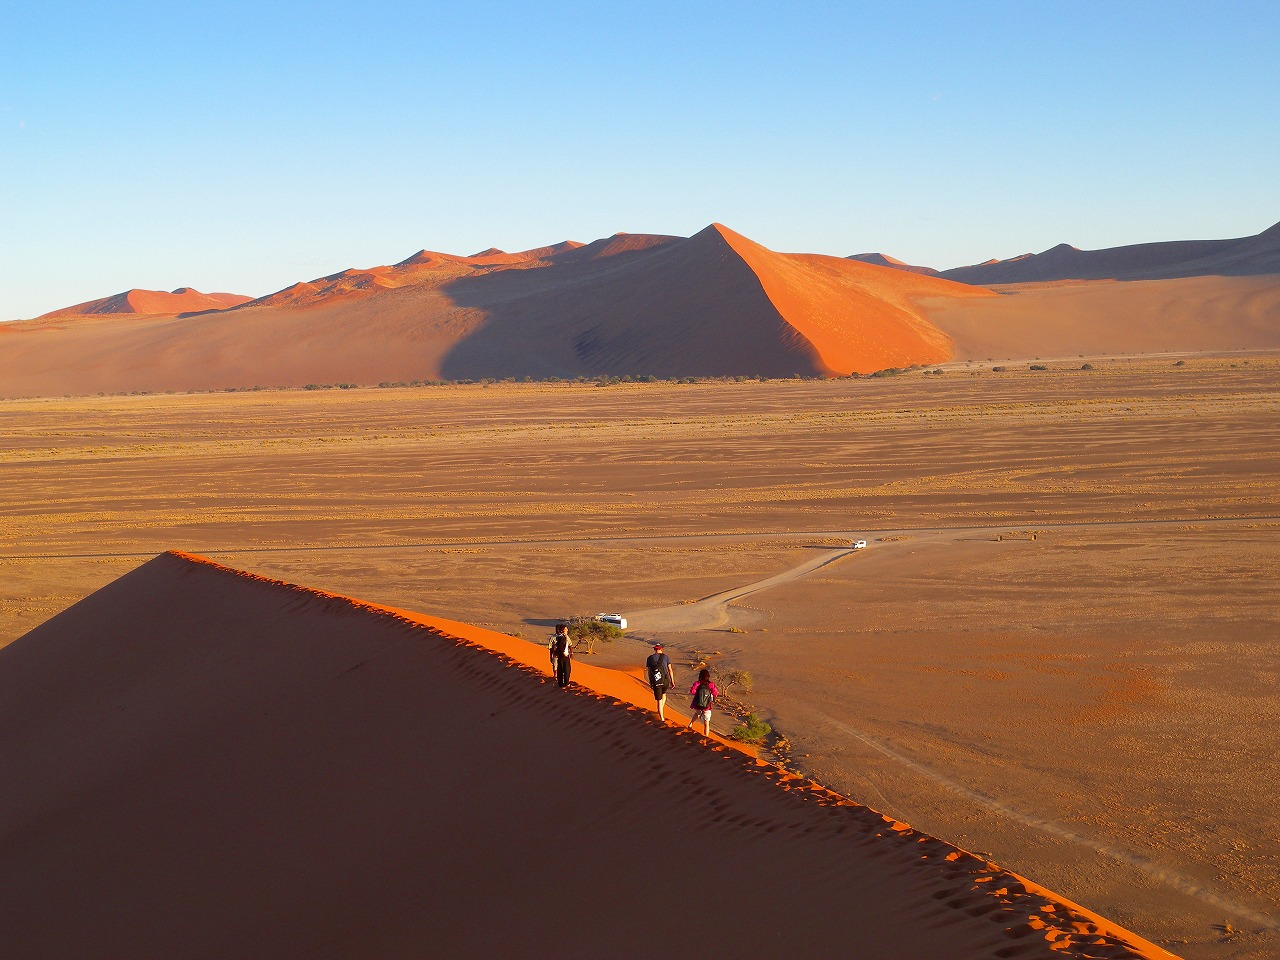 ナミブ砂漠の画像 p1_38